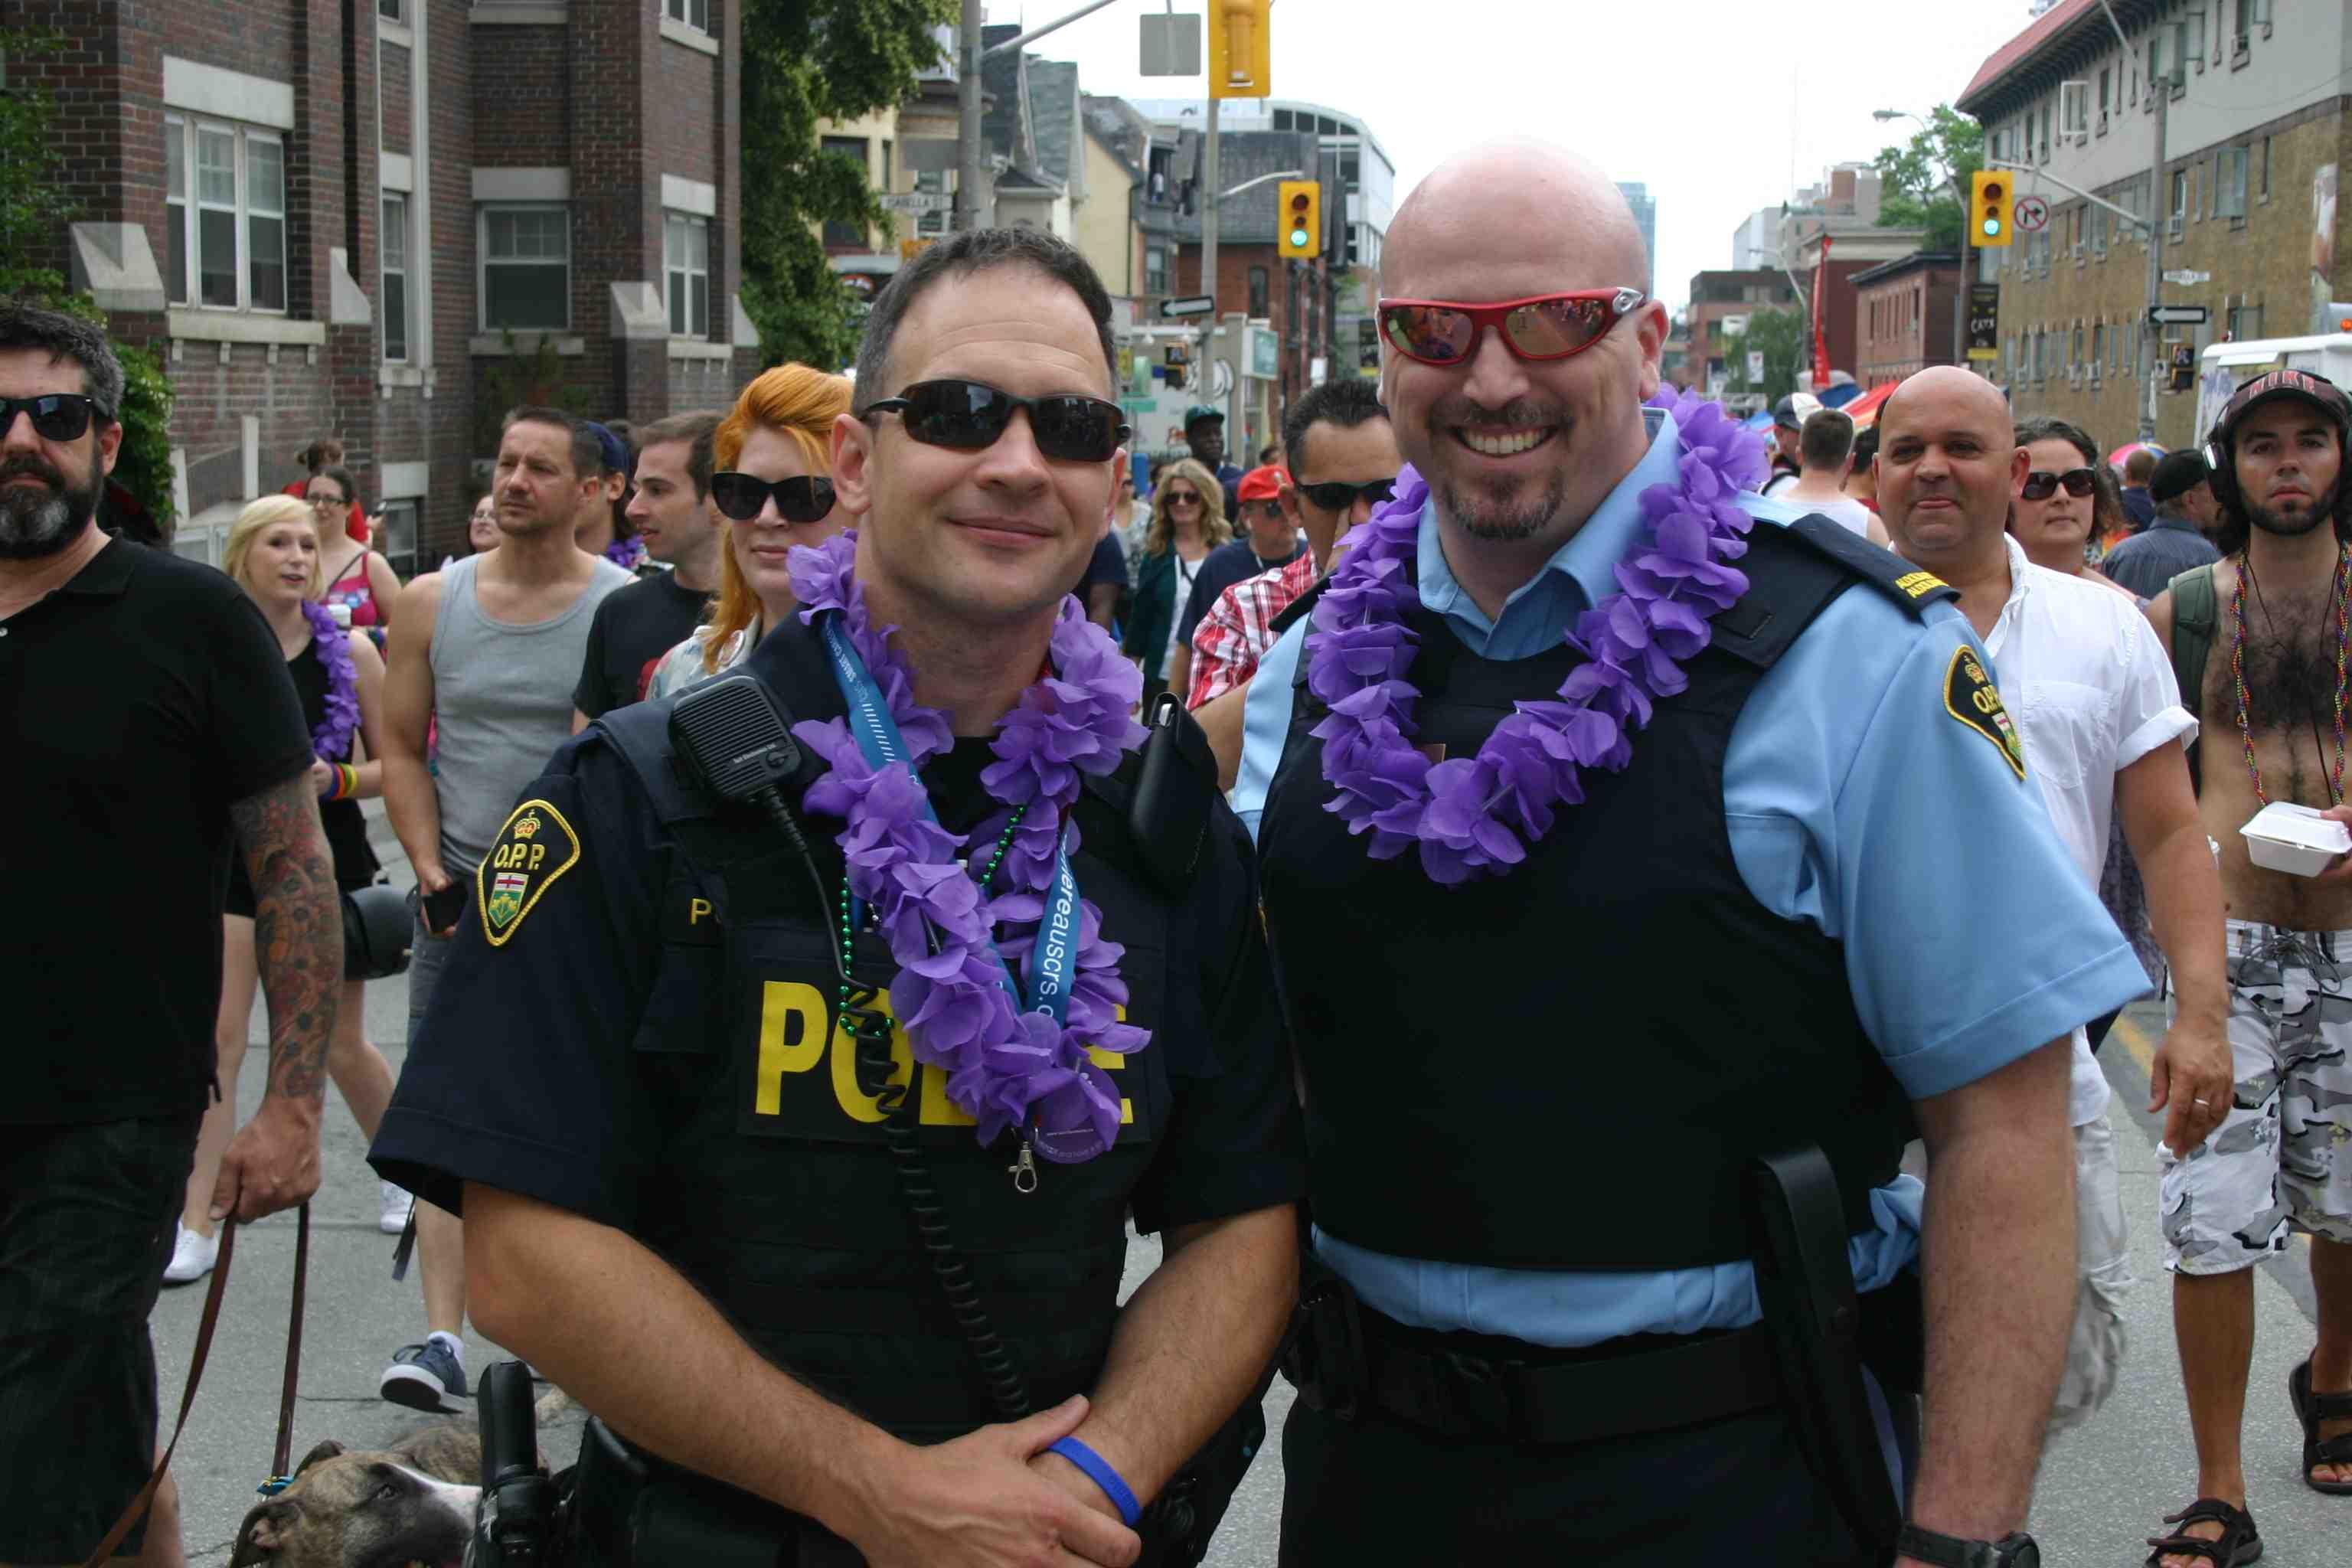 Toronto Pride: Bilder und Beobachtungen vom 29. und 30. Juni 2013